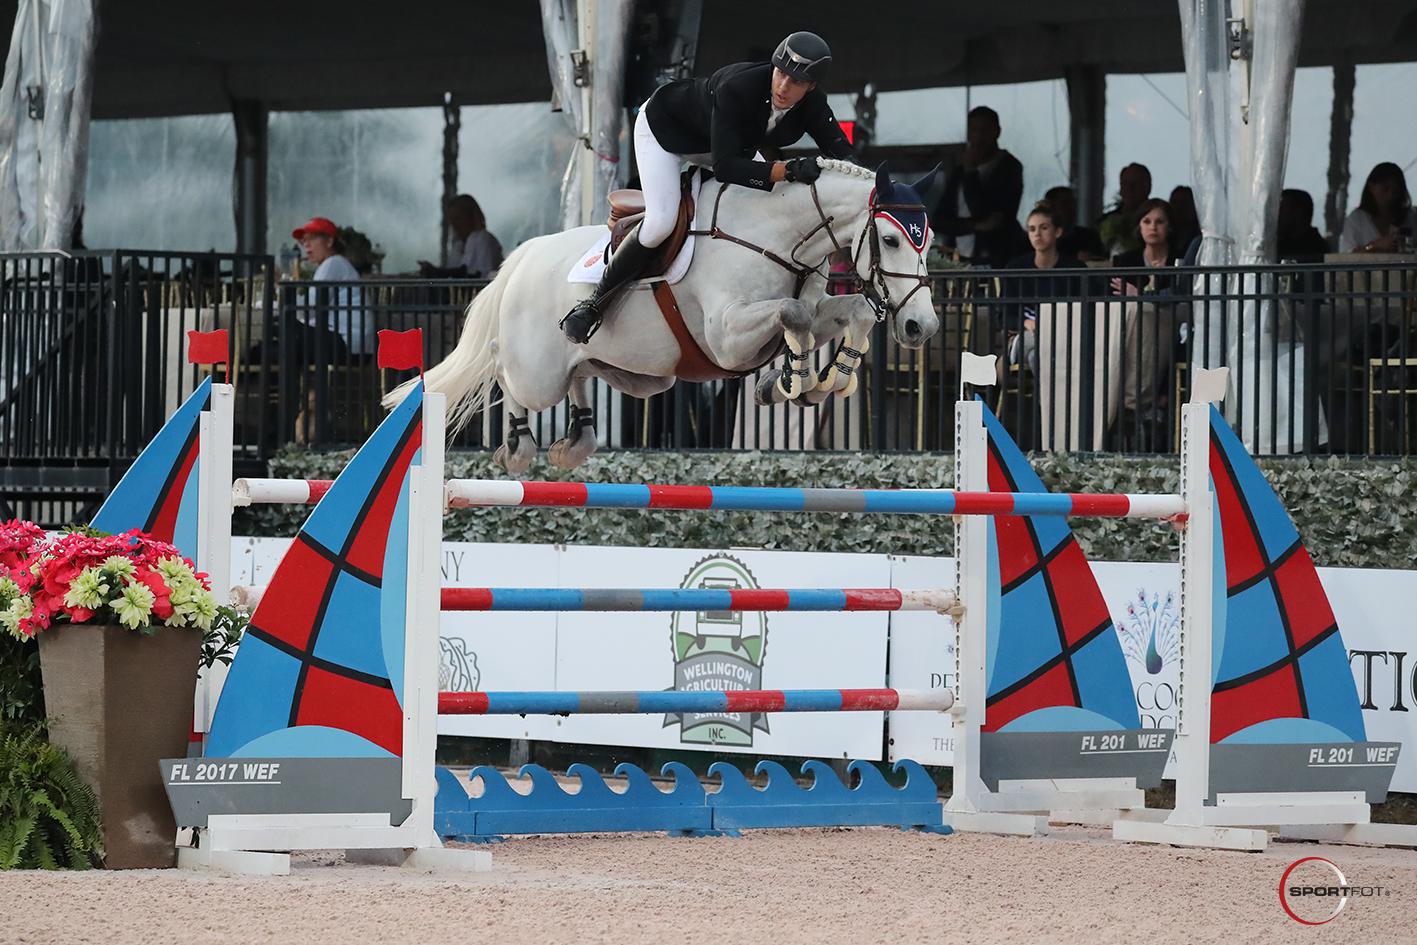 Carlos Hank Guerreiro and H5 Quantador 3 404_2532 Sportfot